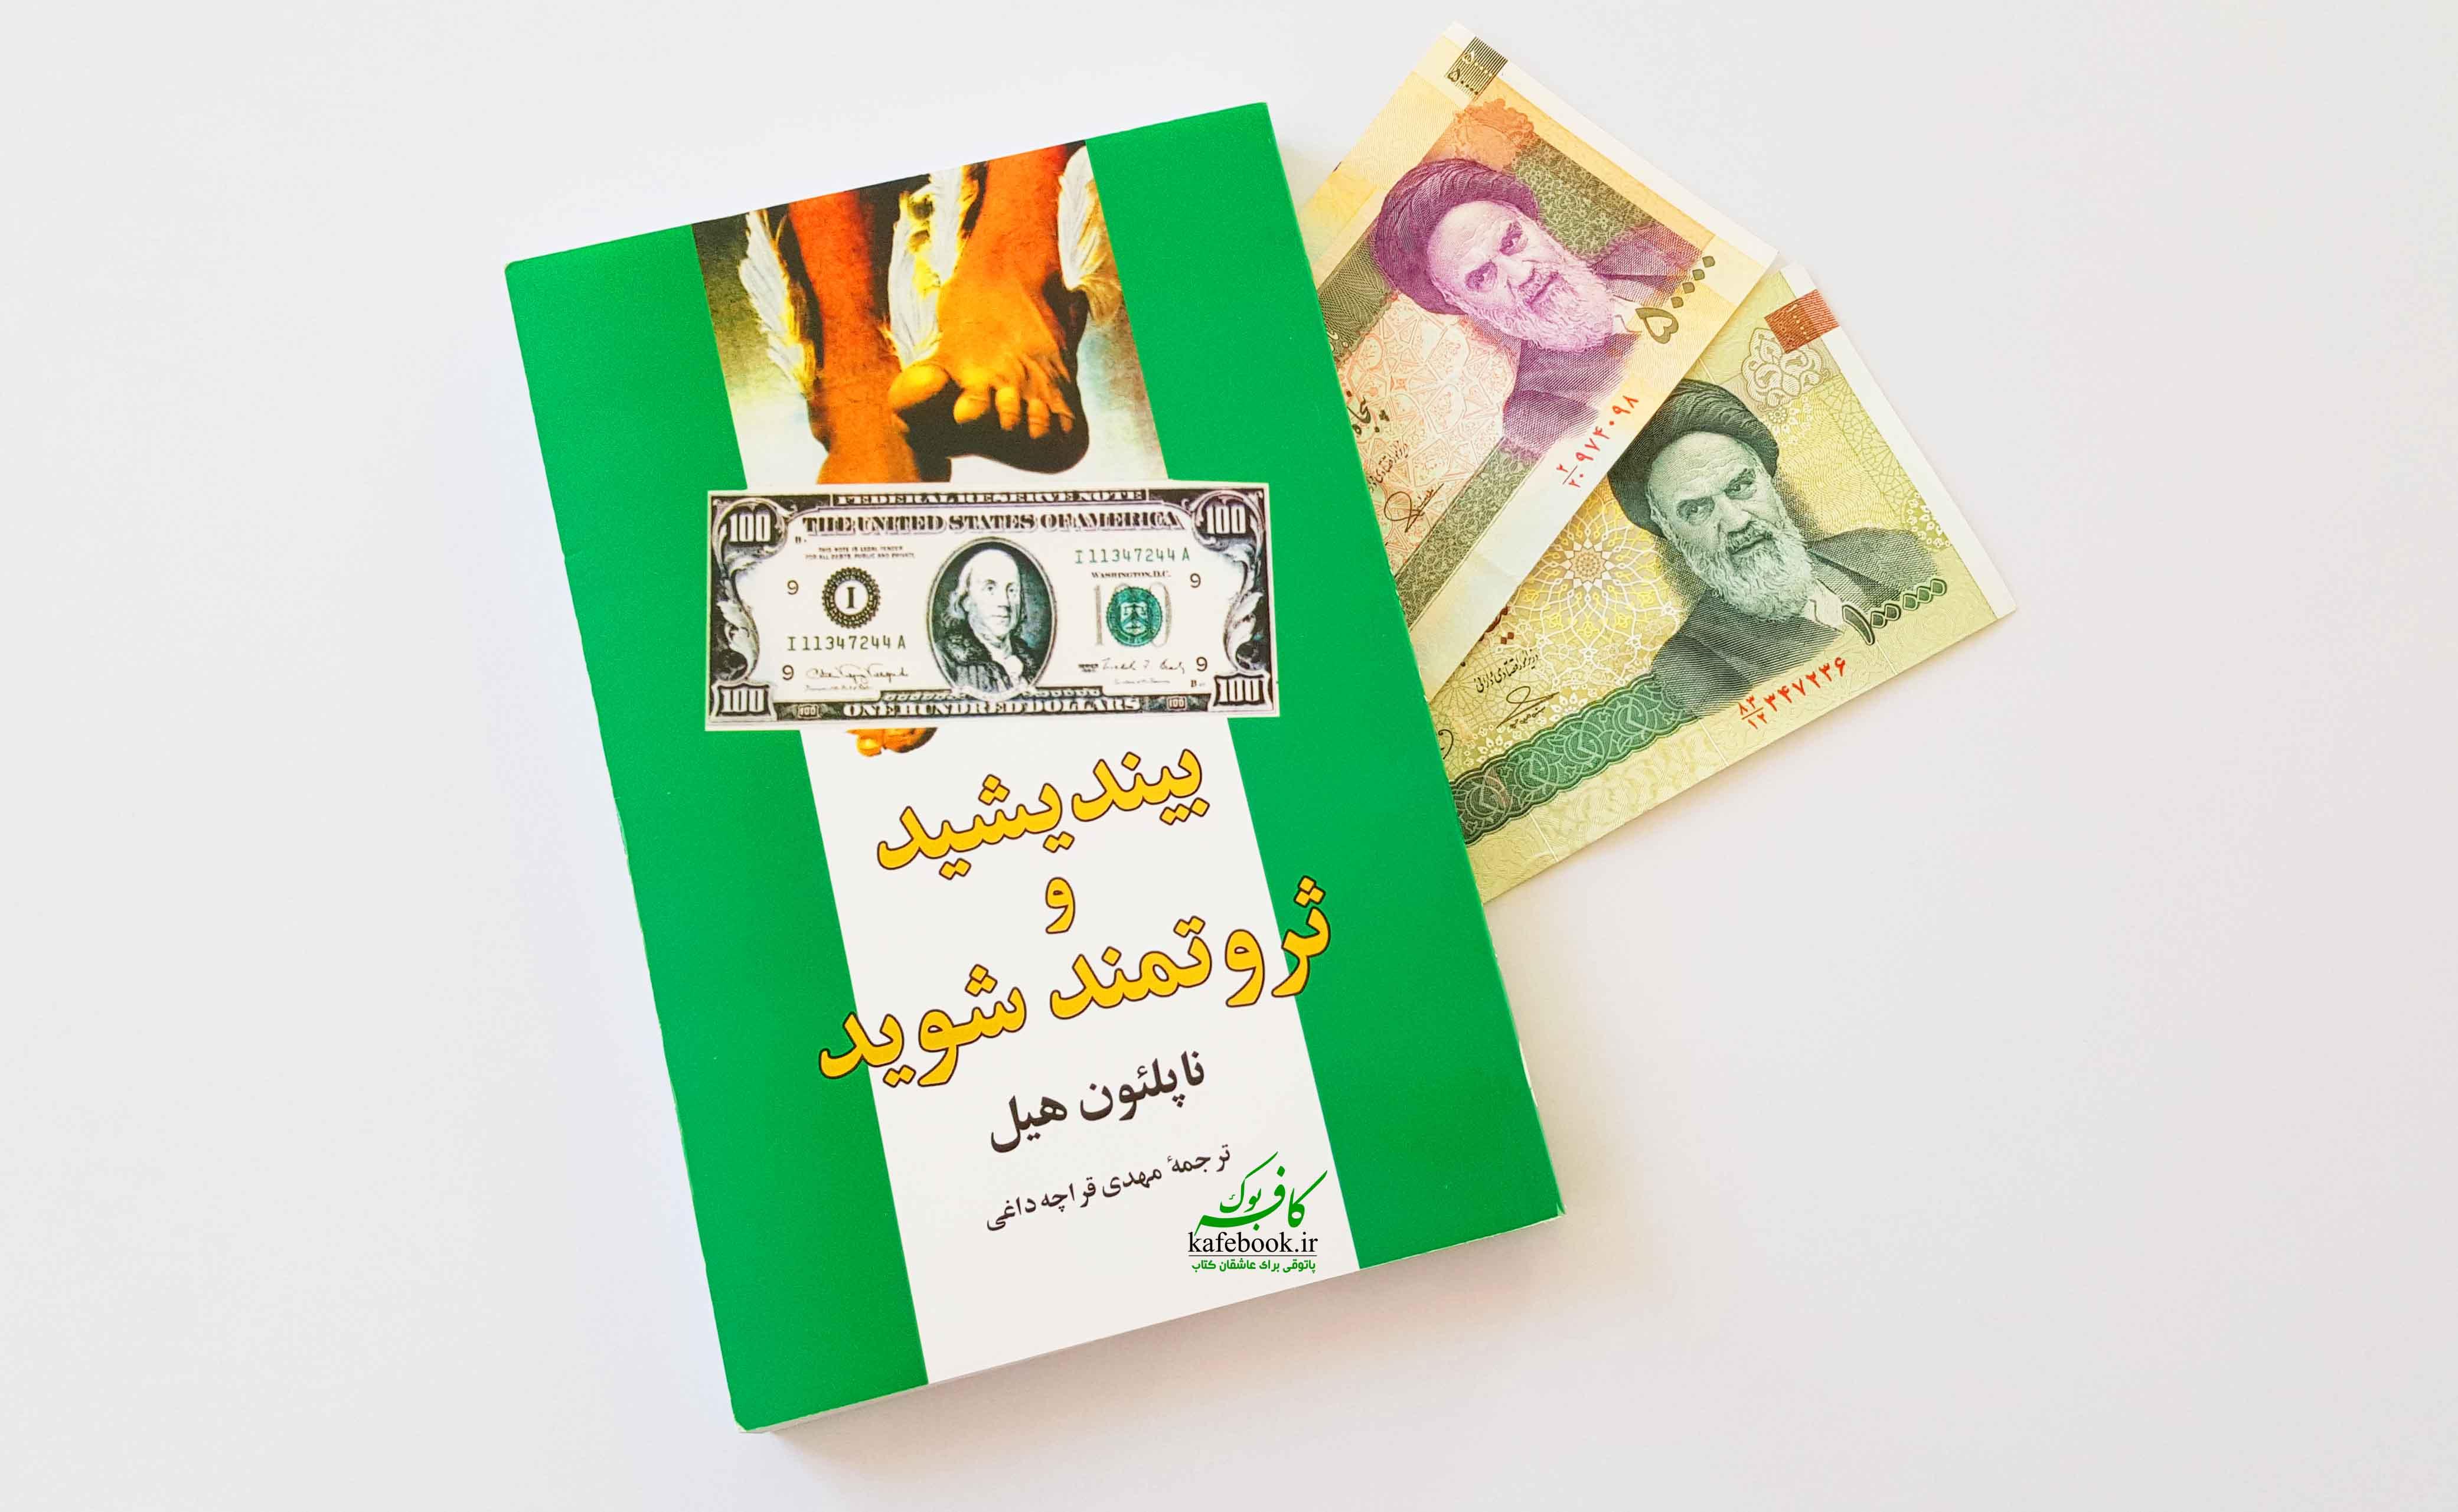 کتاب بیندیشید و ثروتمند شوید - معرفی کتاب بیندیشید و ثروتمند شوید در کافه بوک